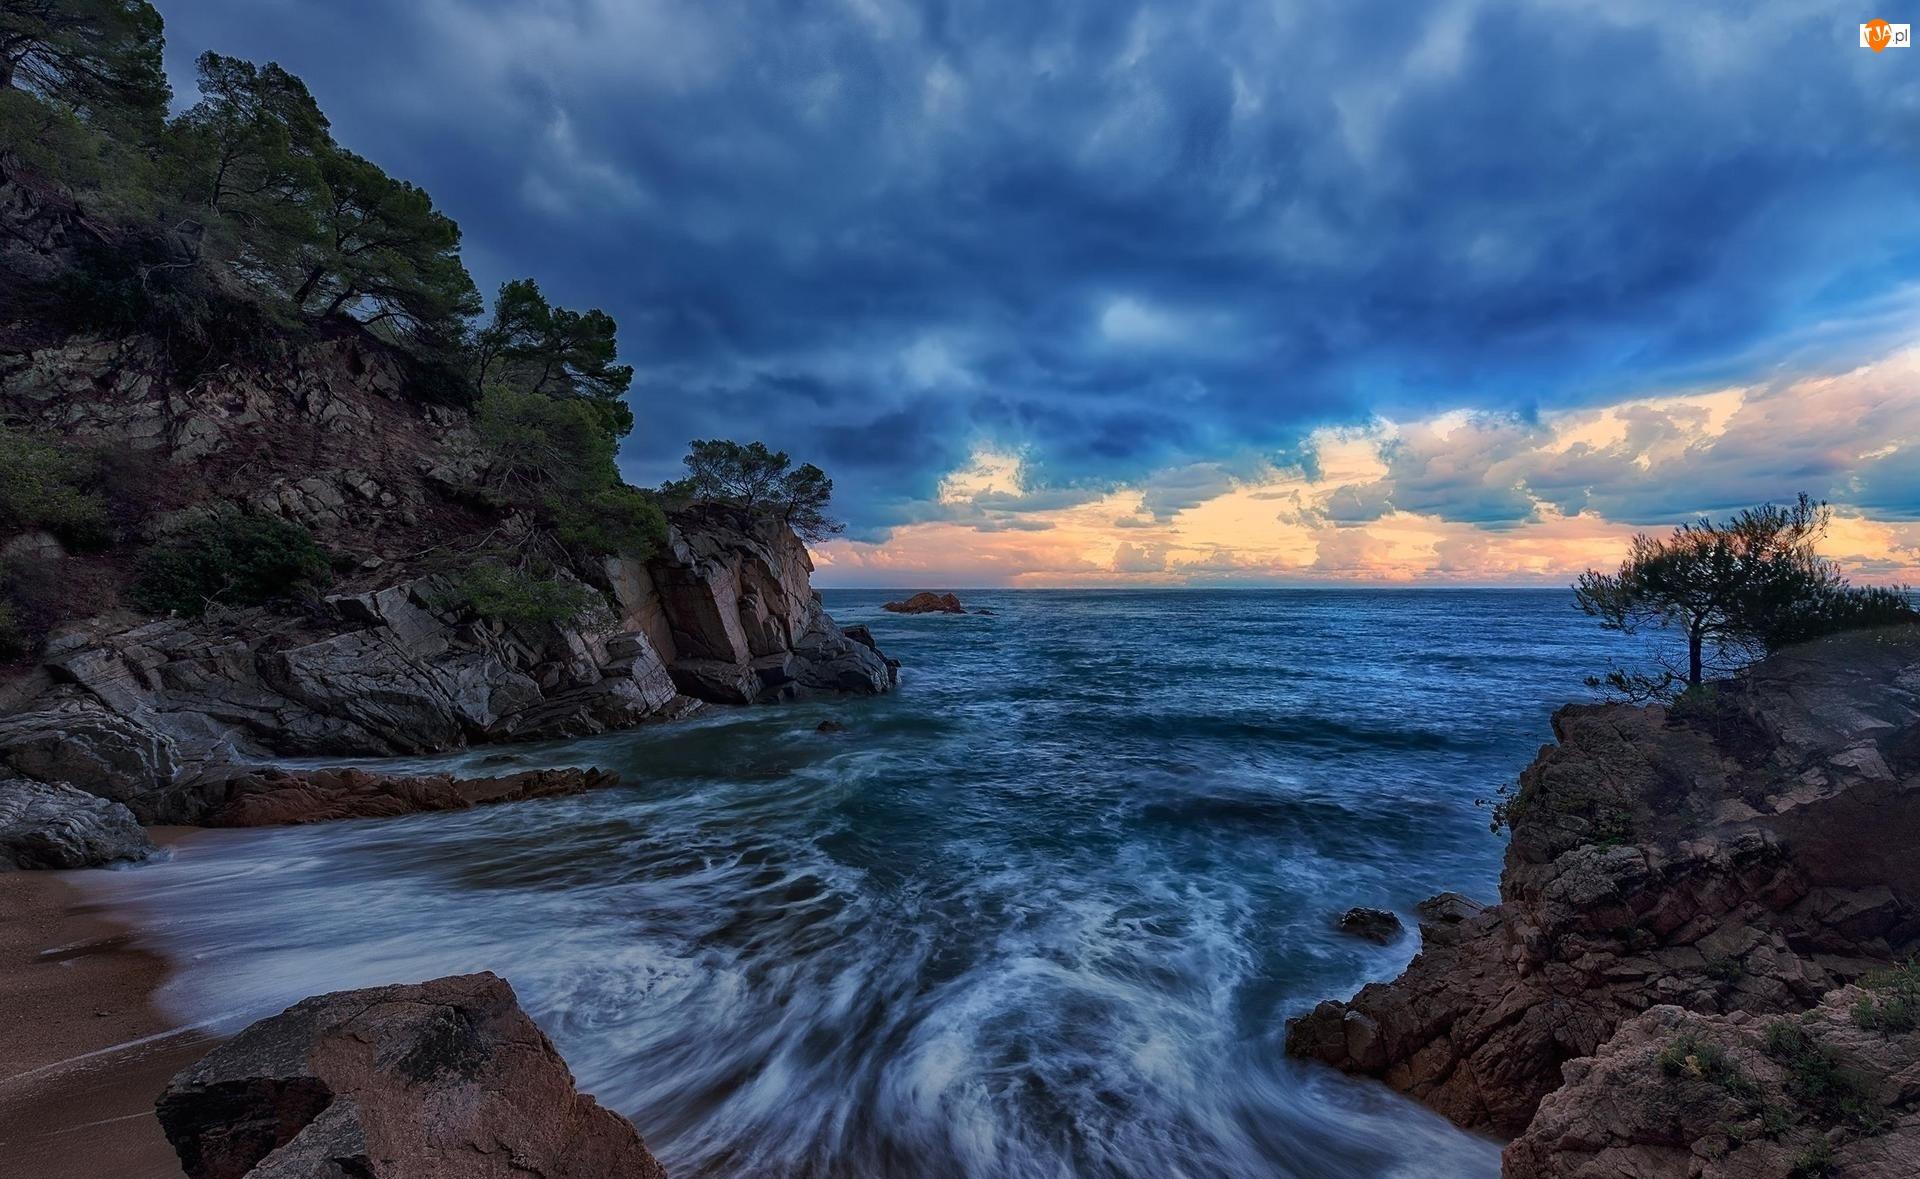 Morze Śródziemne, Zatoka Cala Llevadó, Prowincja Girona, Drzewa, Hiszpania, Chmury, Costa Brava, Skały